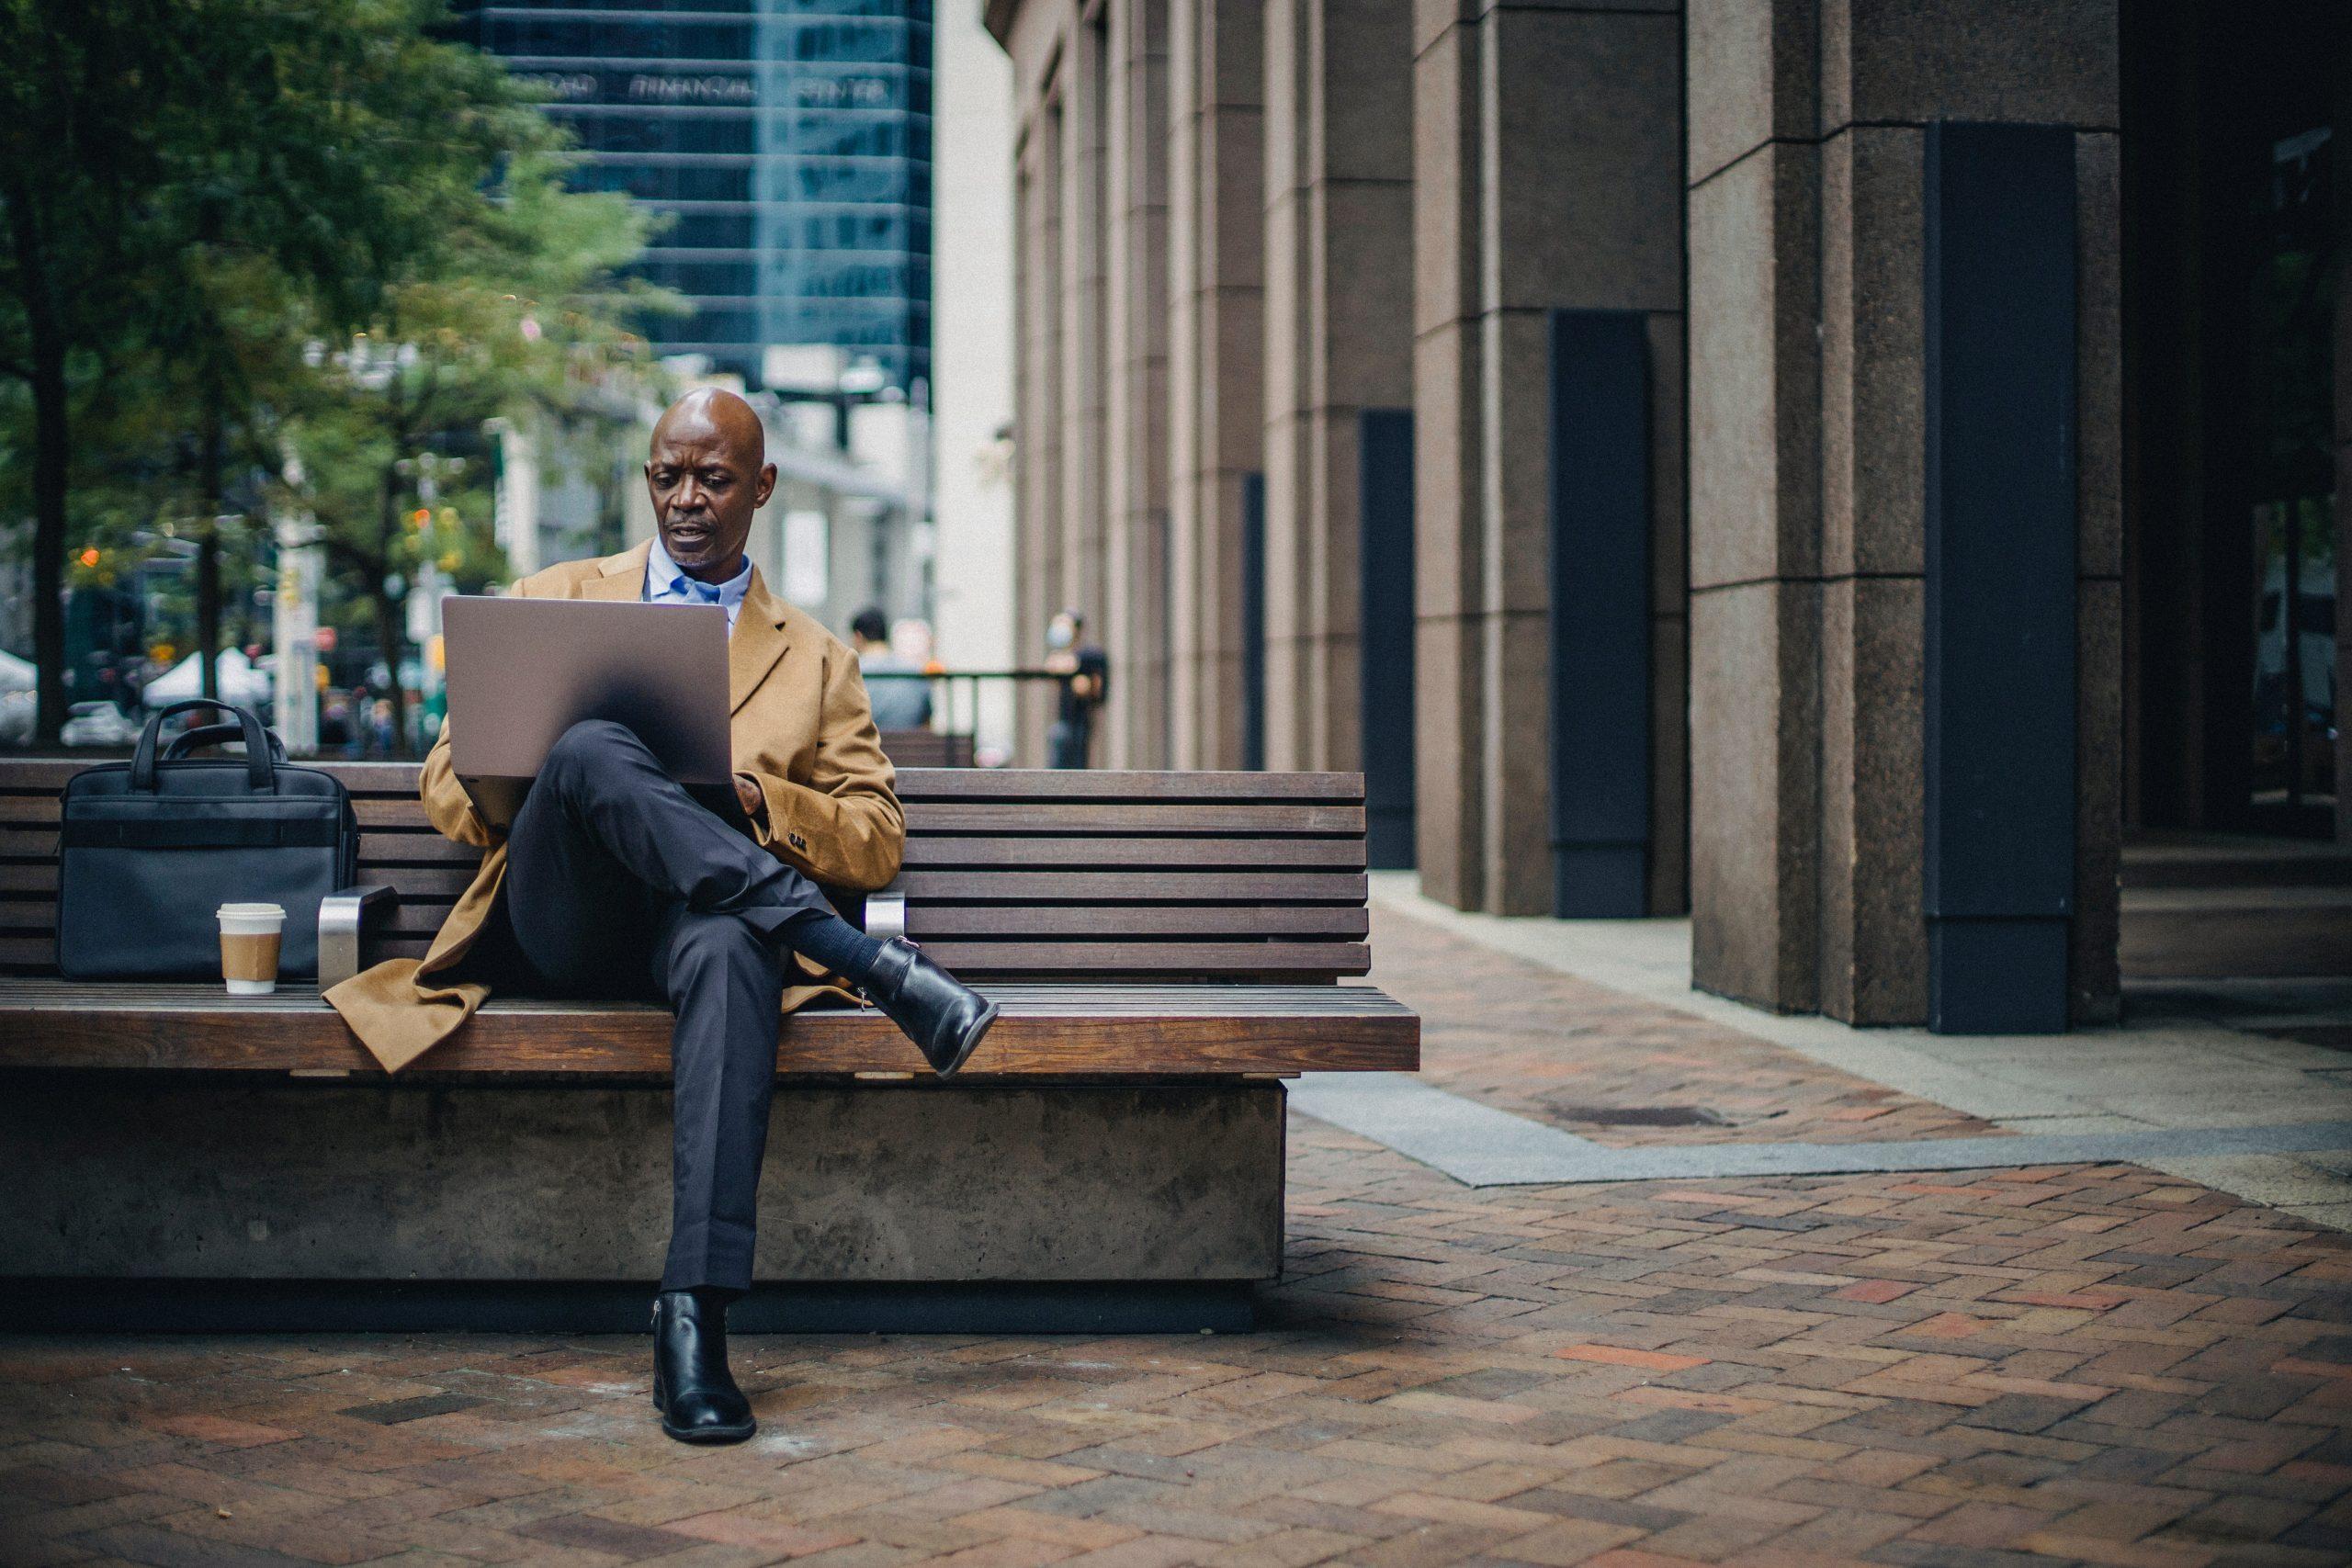 Devenir investisseur en bourse, 4 points indispensables pour réussir